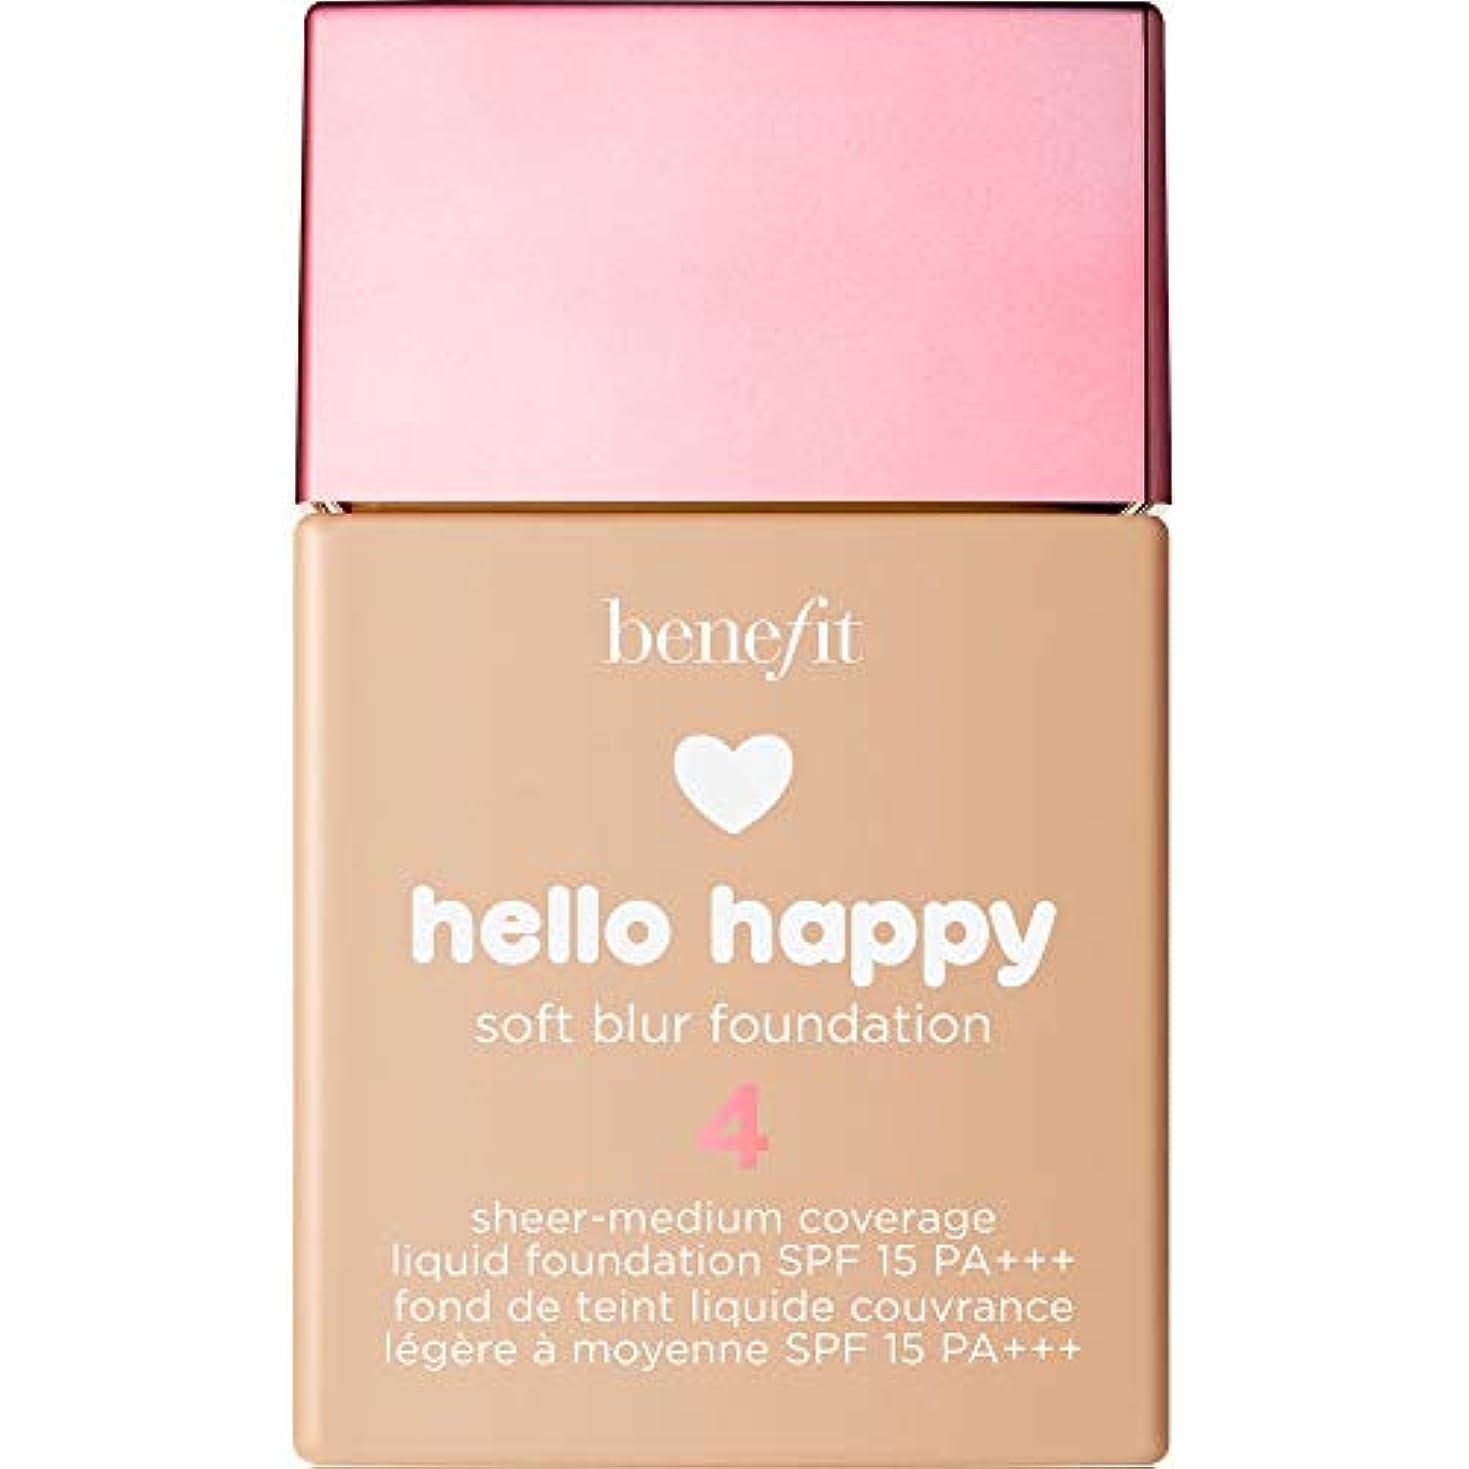 水星苦しめる芝生[Benefit] 利点は、ハロー幸せソフトブラー基礎Spf15 30ミリリットル4 - メディアニュートラル - Benefit Hello Happy Soft Blur Foundation SPF15 30ml...